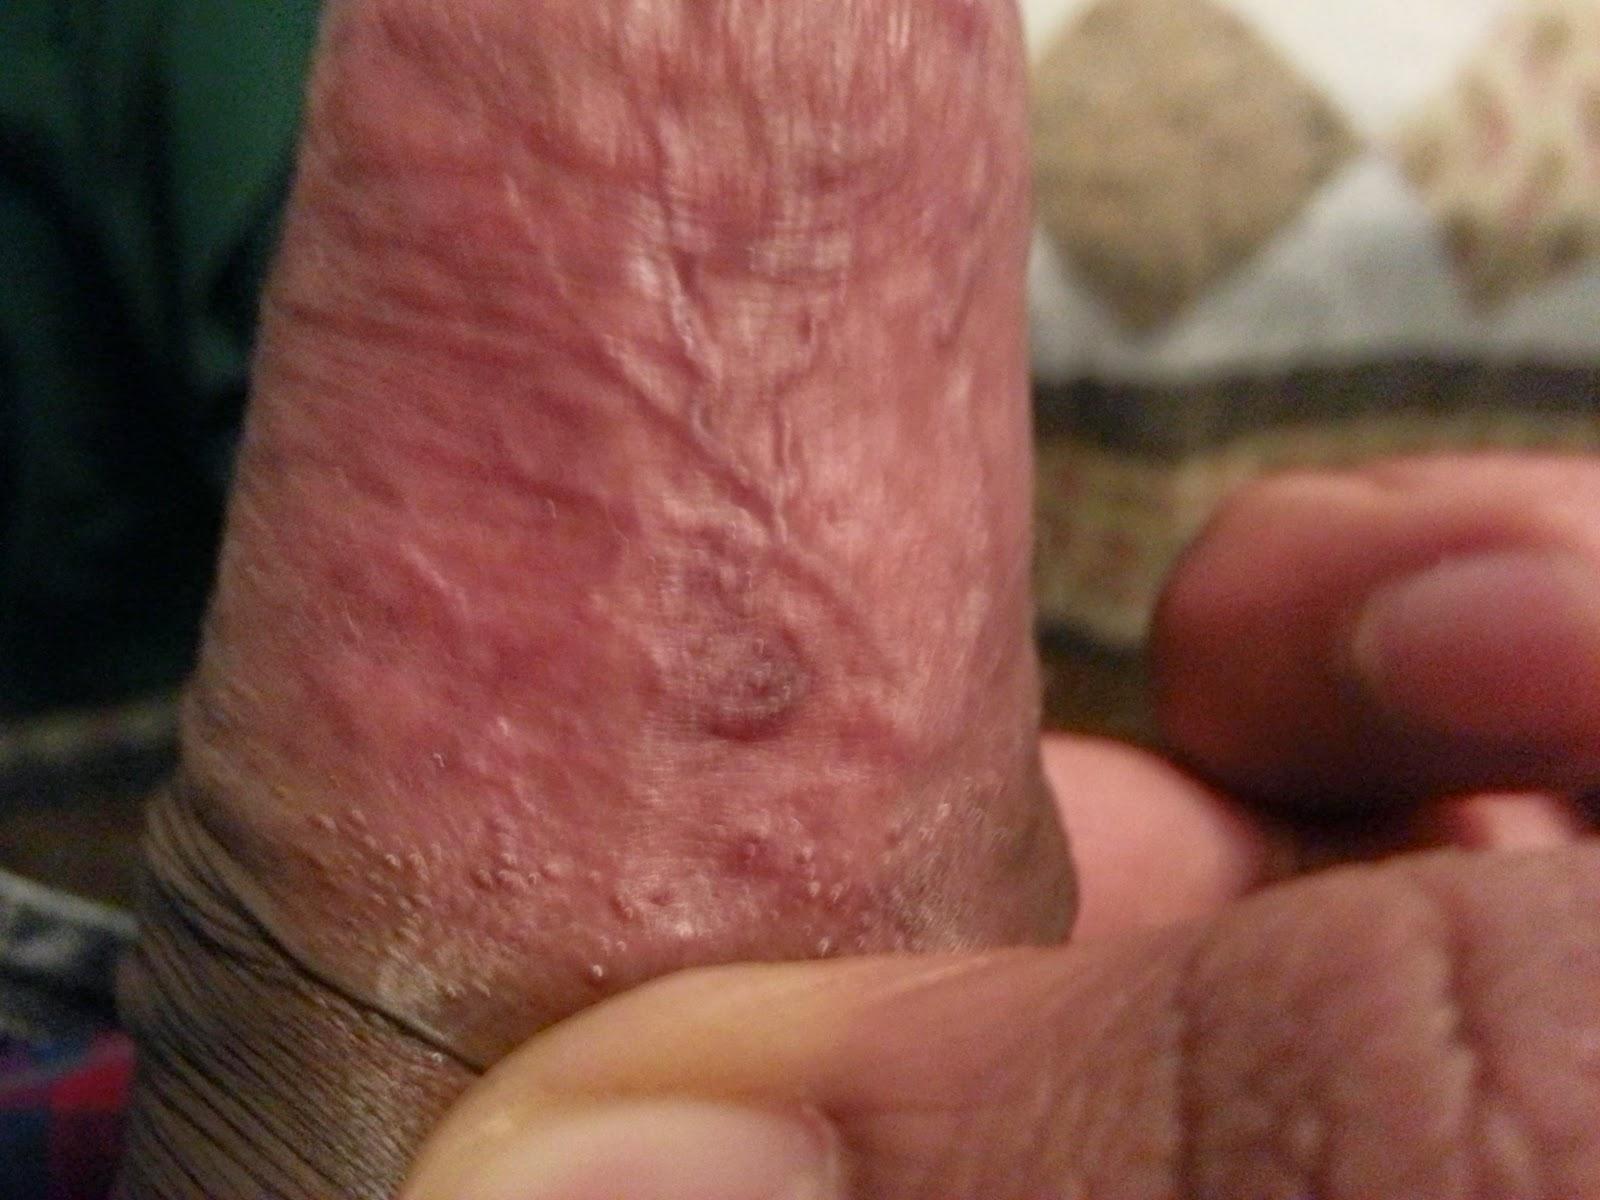 Hurts underside of penis